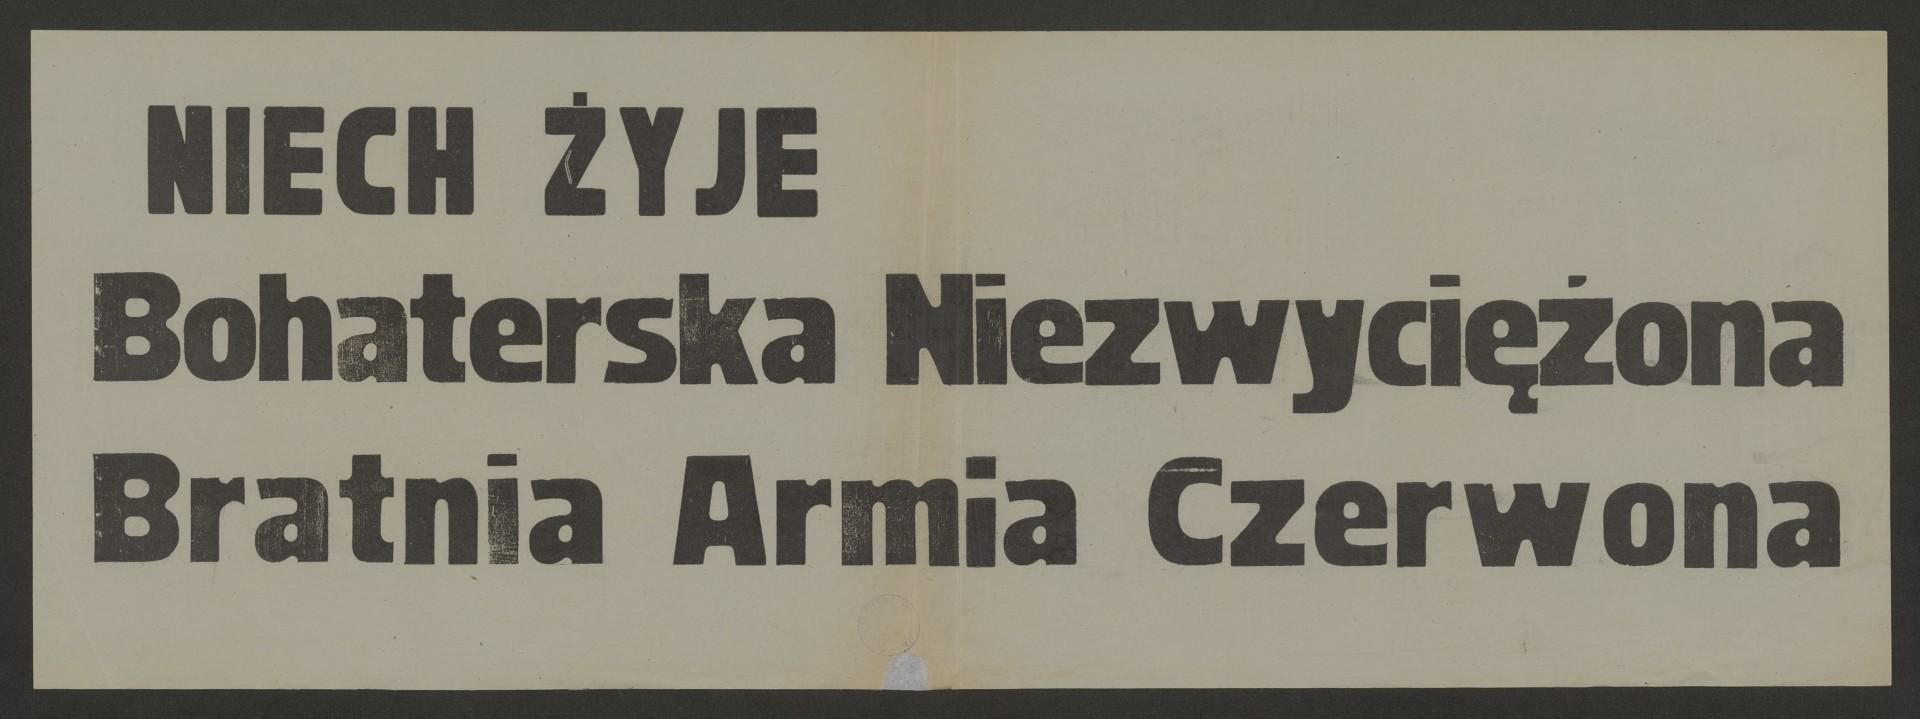 Pomorze 1945 - relacje Świadków Historii [FILM] 1